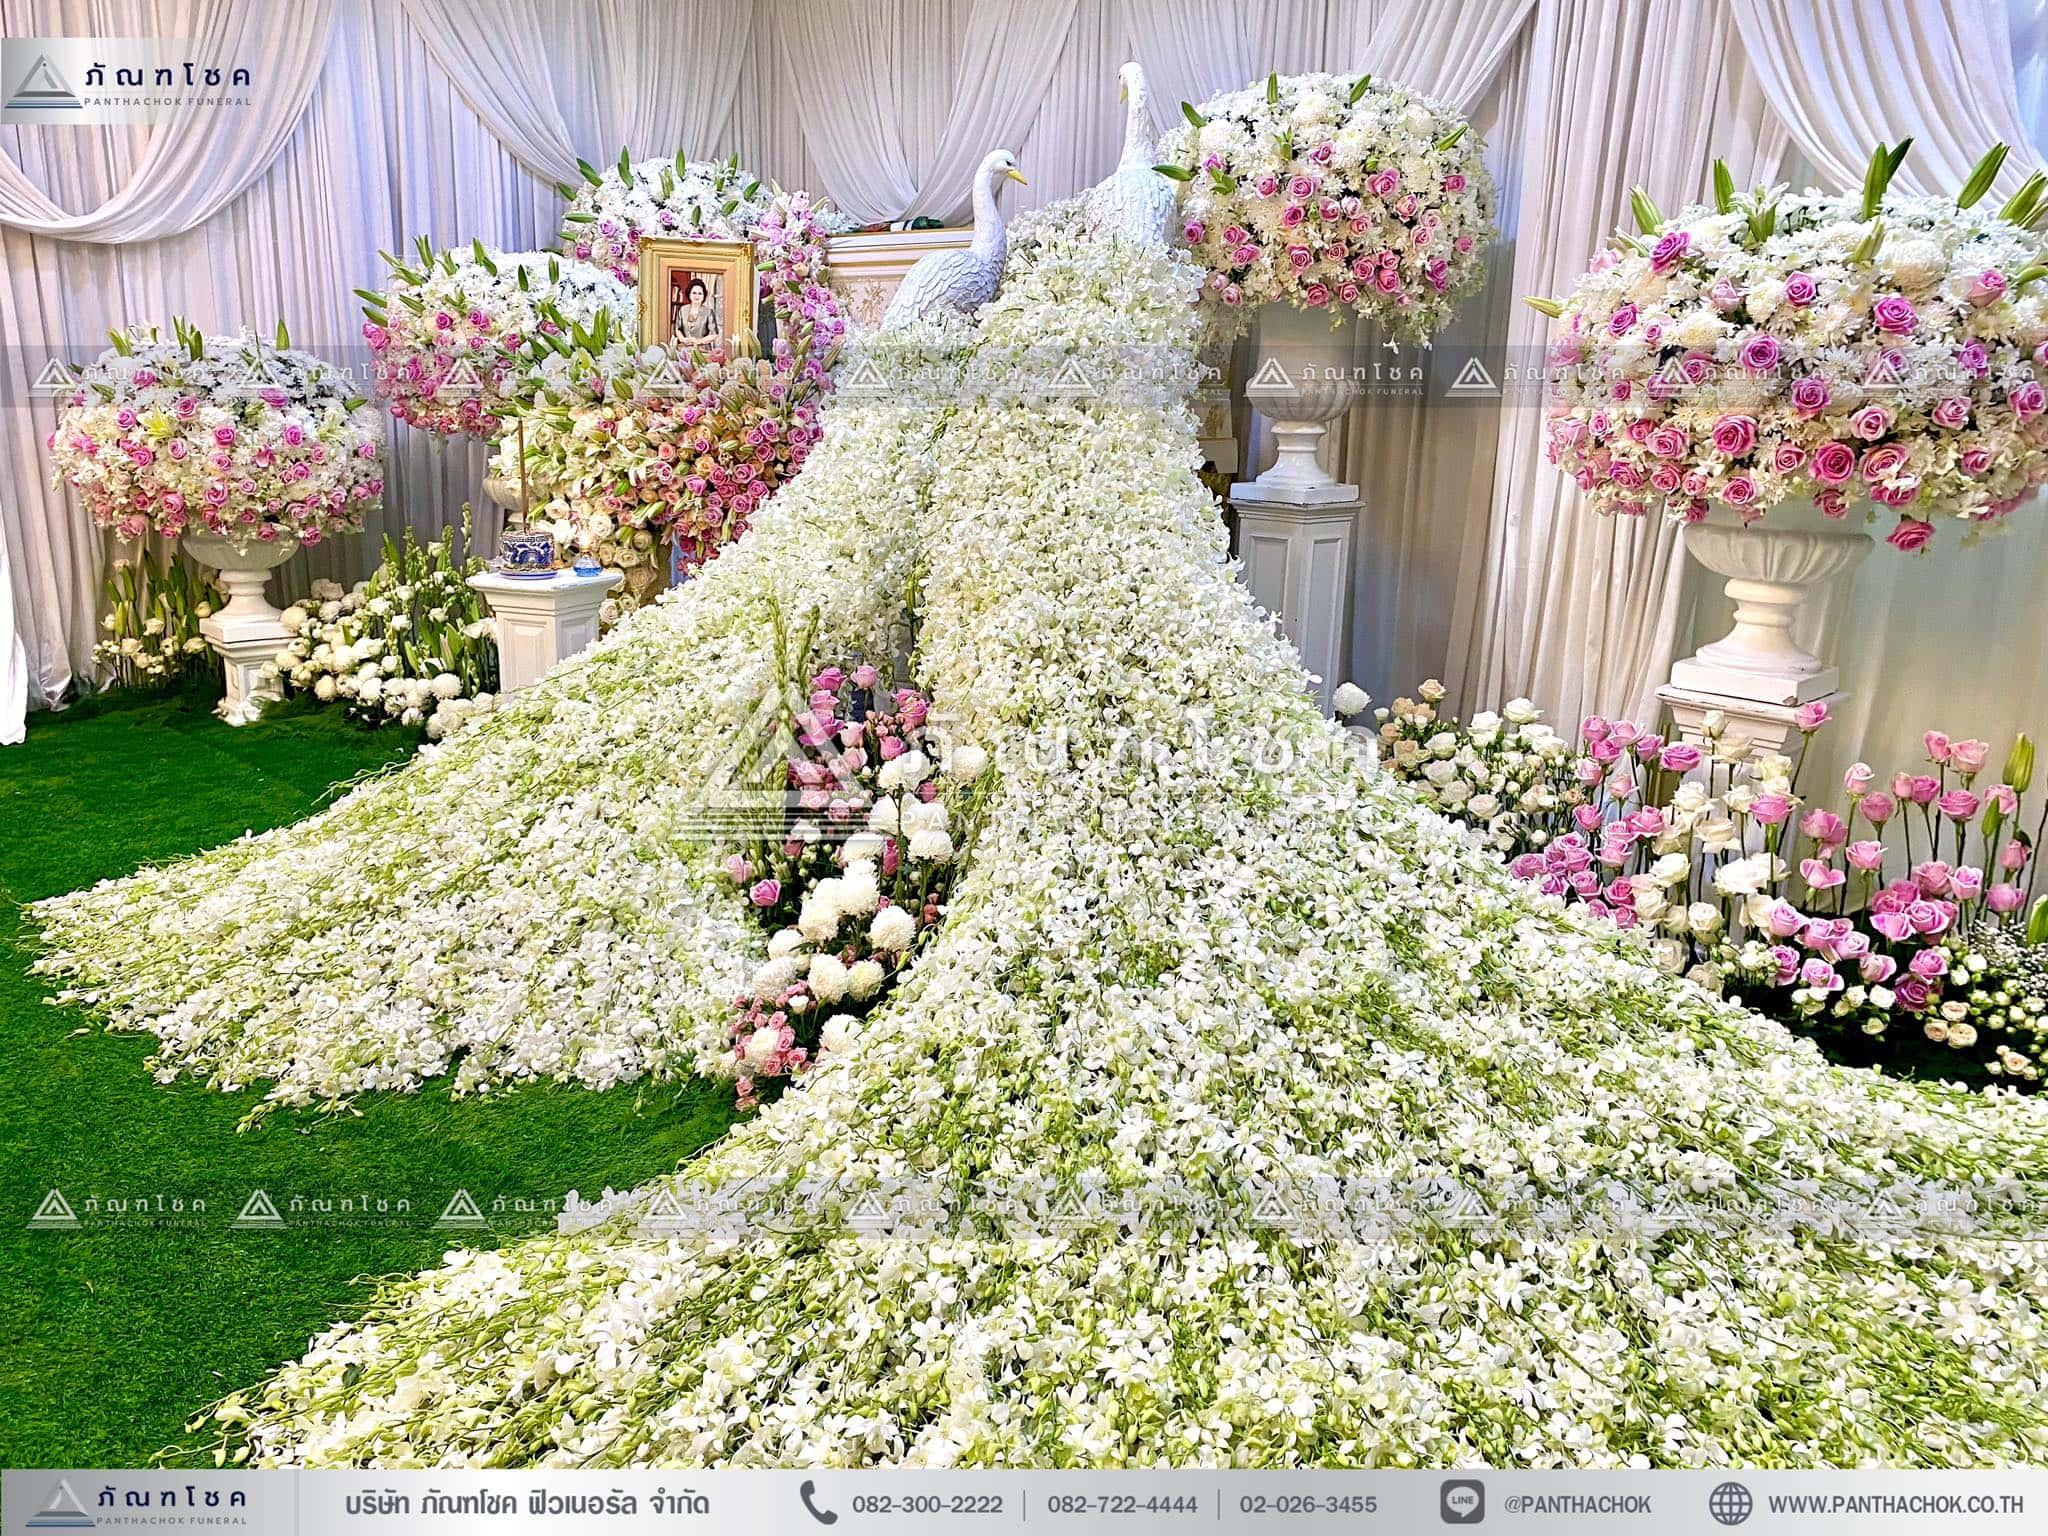 ดอกไม้สดหน้าศพกรุงเทพแบบหรูหรา กรอบไม้หน้าหีบ โทนสีชมพู